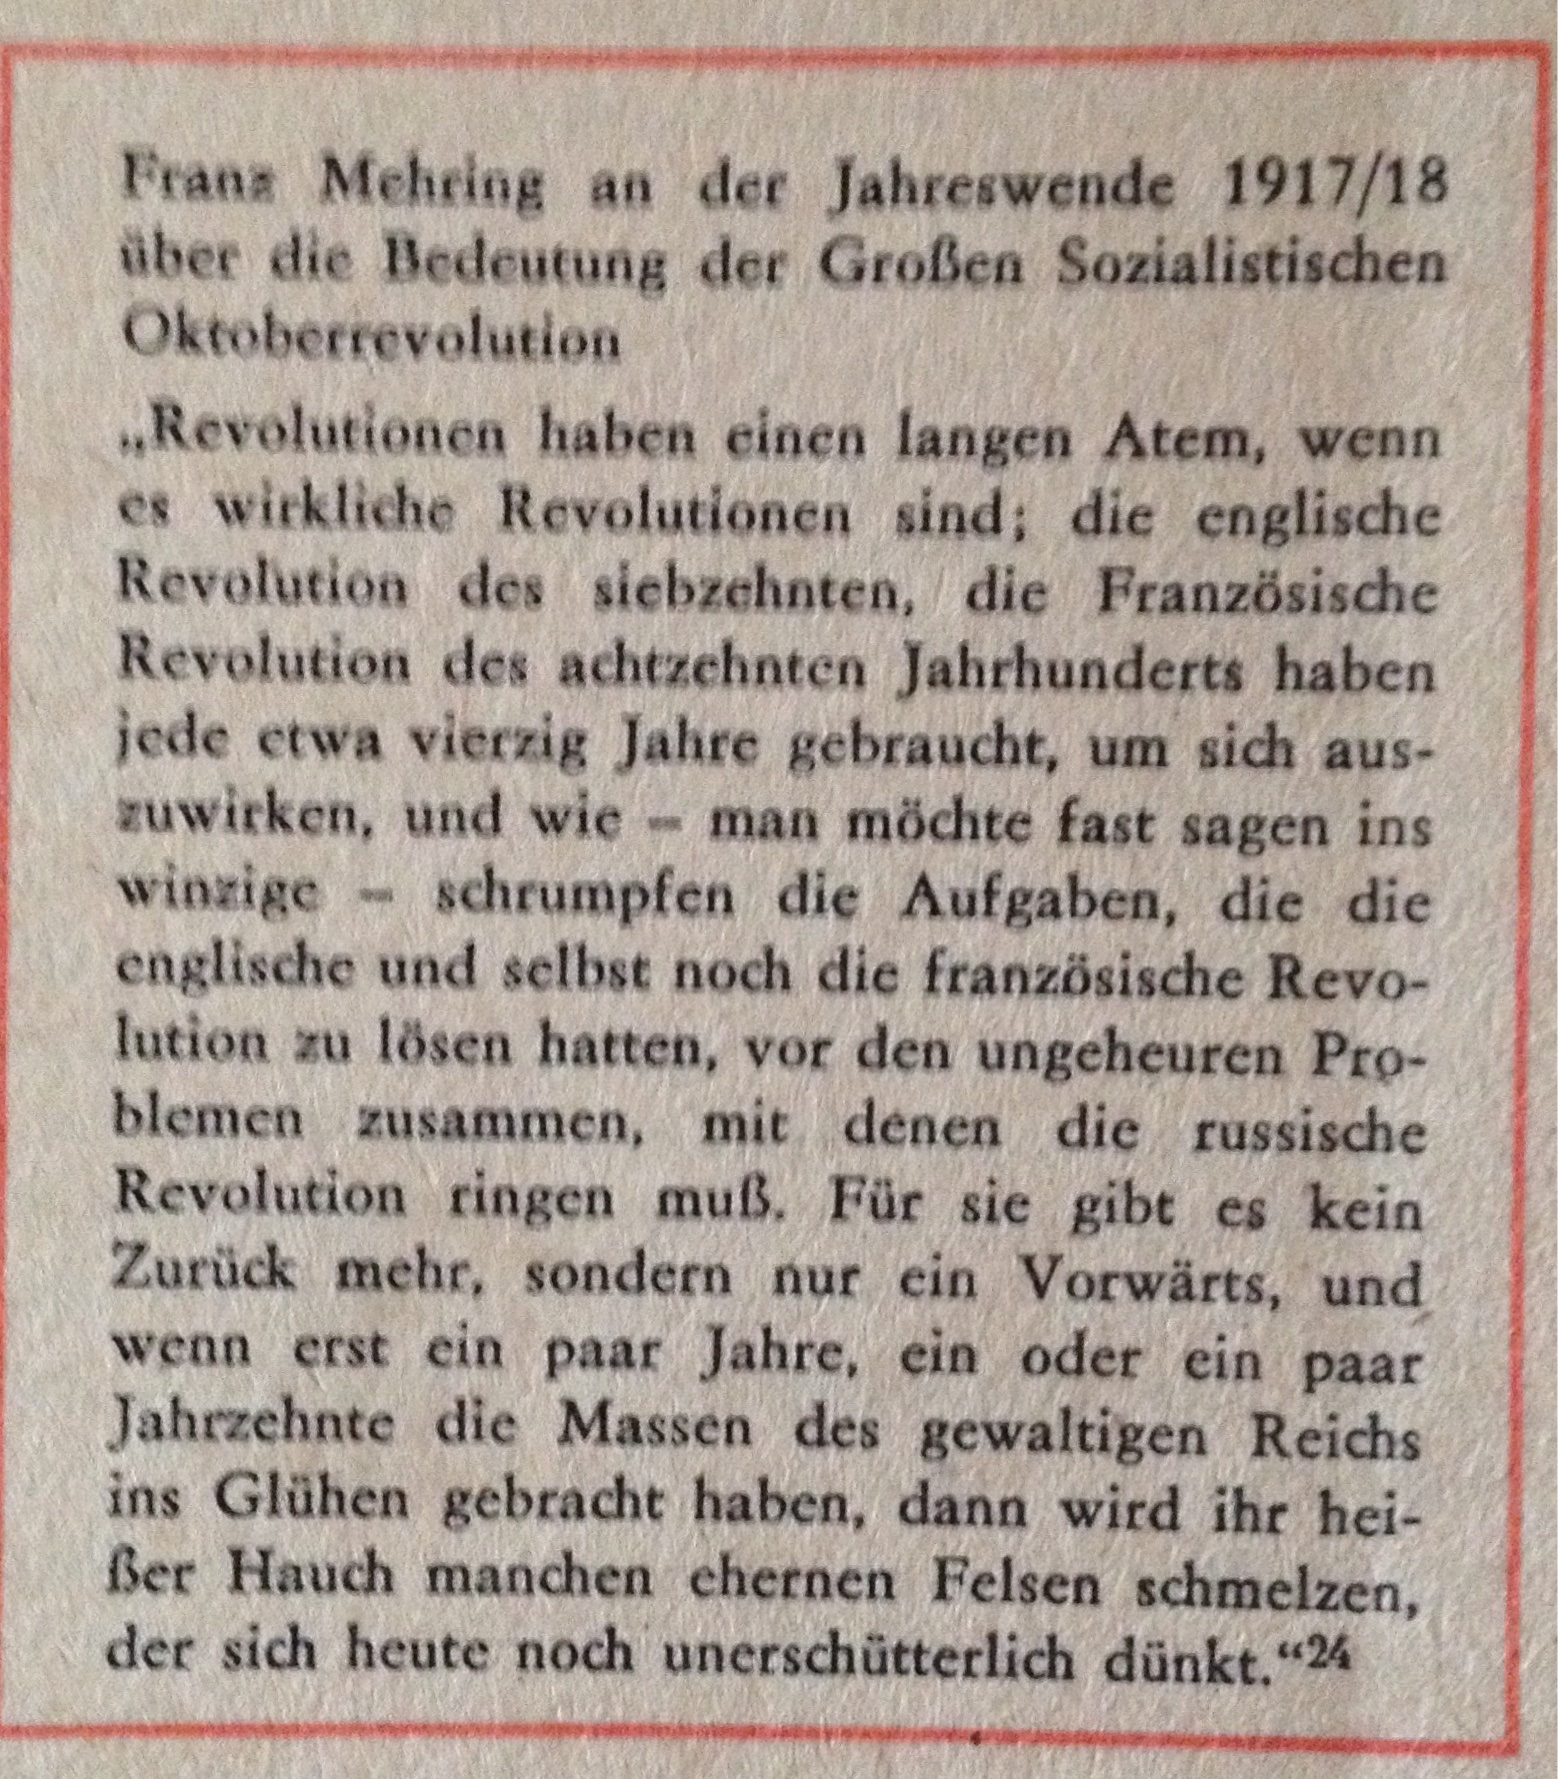 Franz Mehring zu Revolution